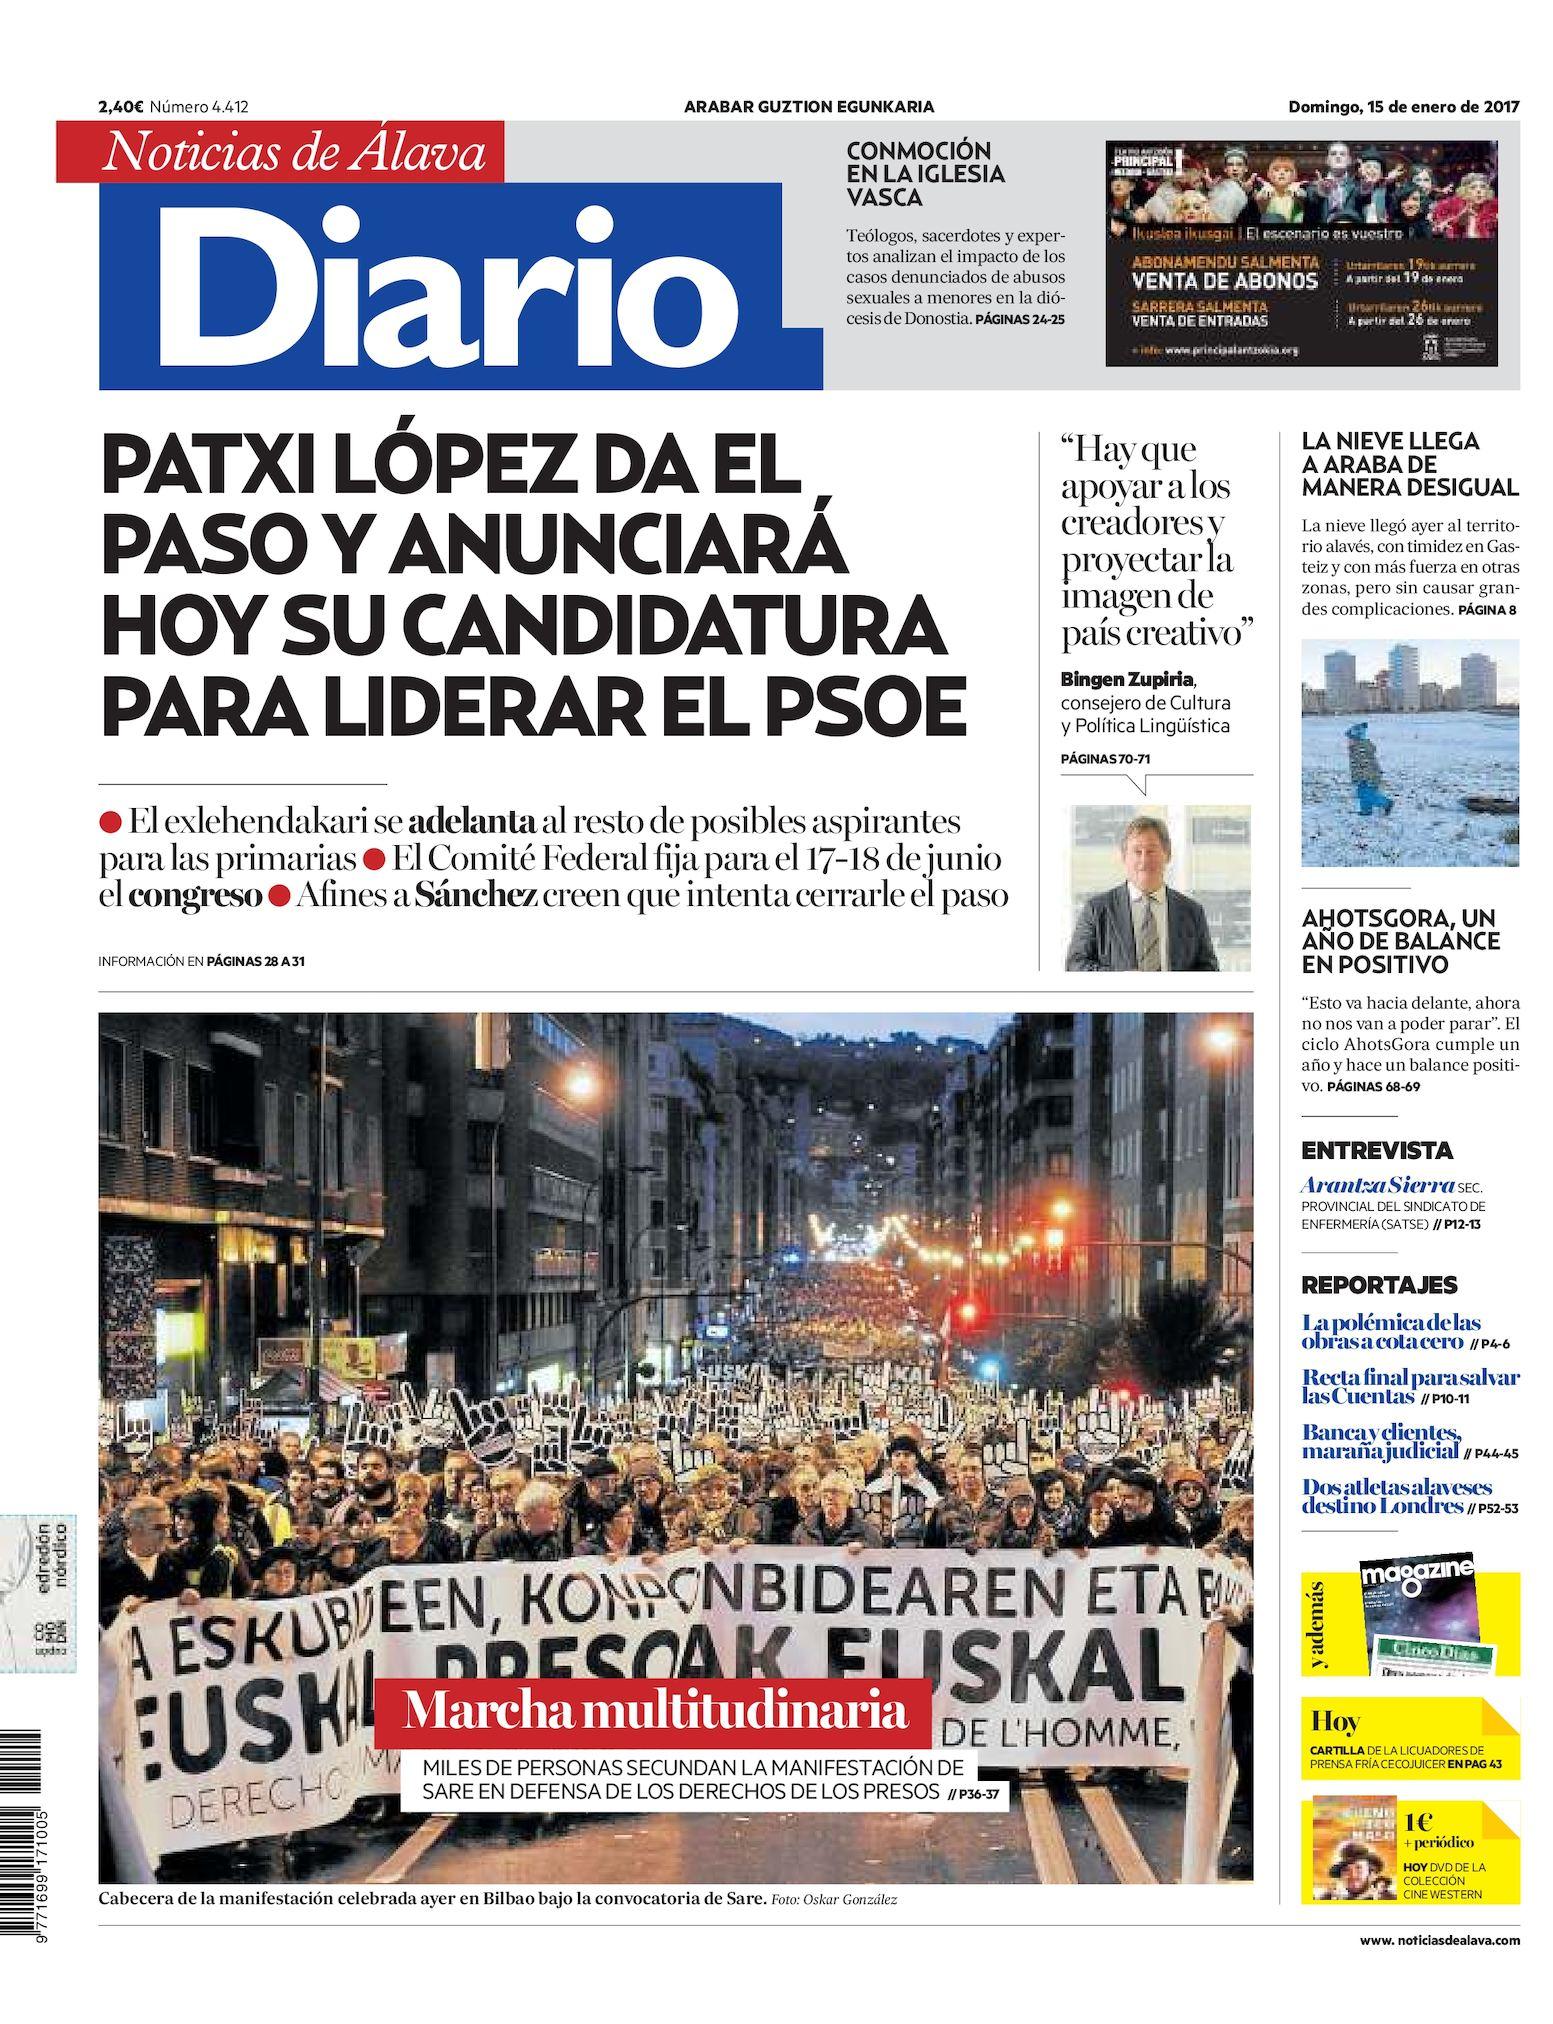 33ce6b26850 Calaméo - Diario de Noticias de Álava 20170115